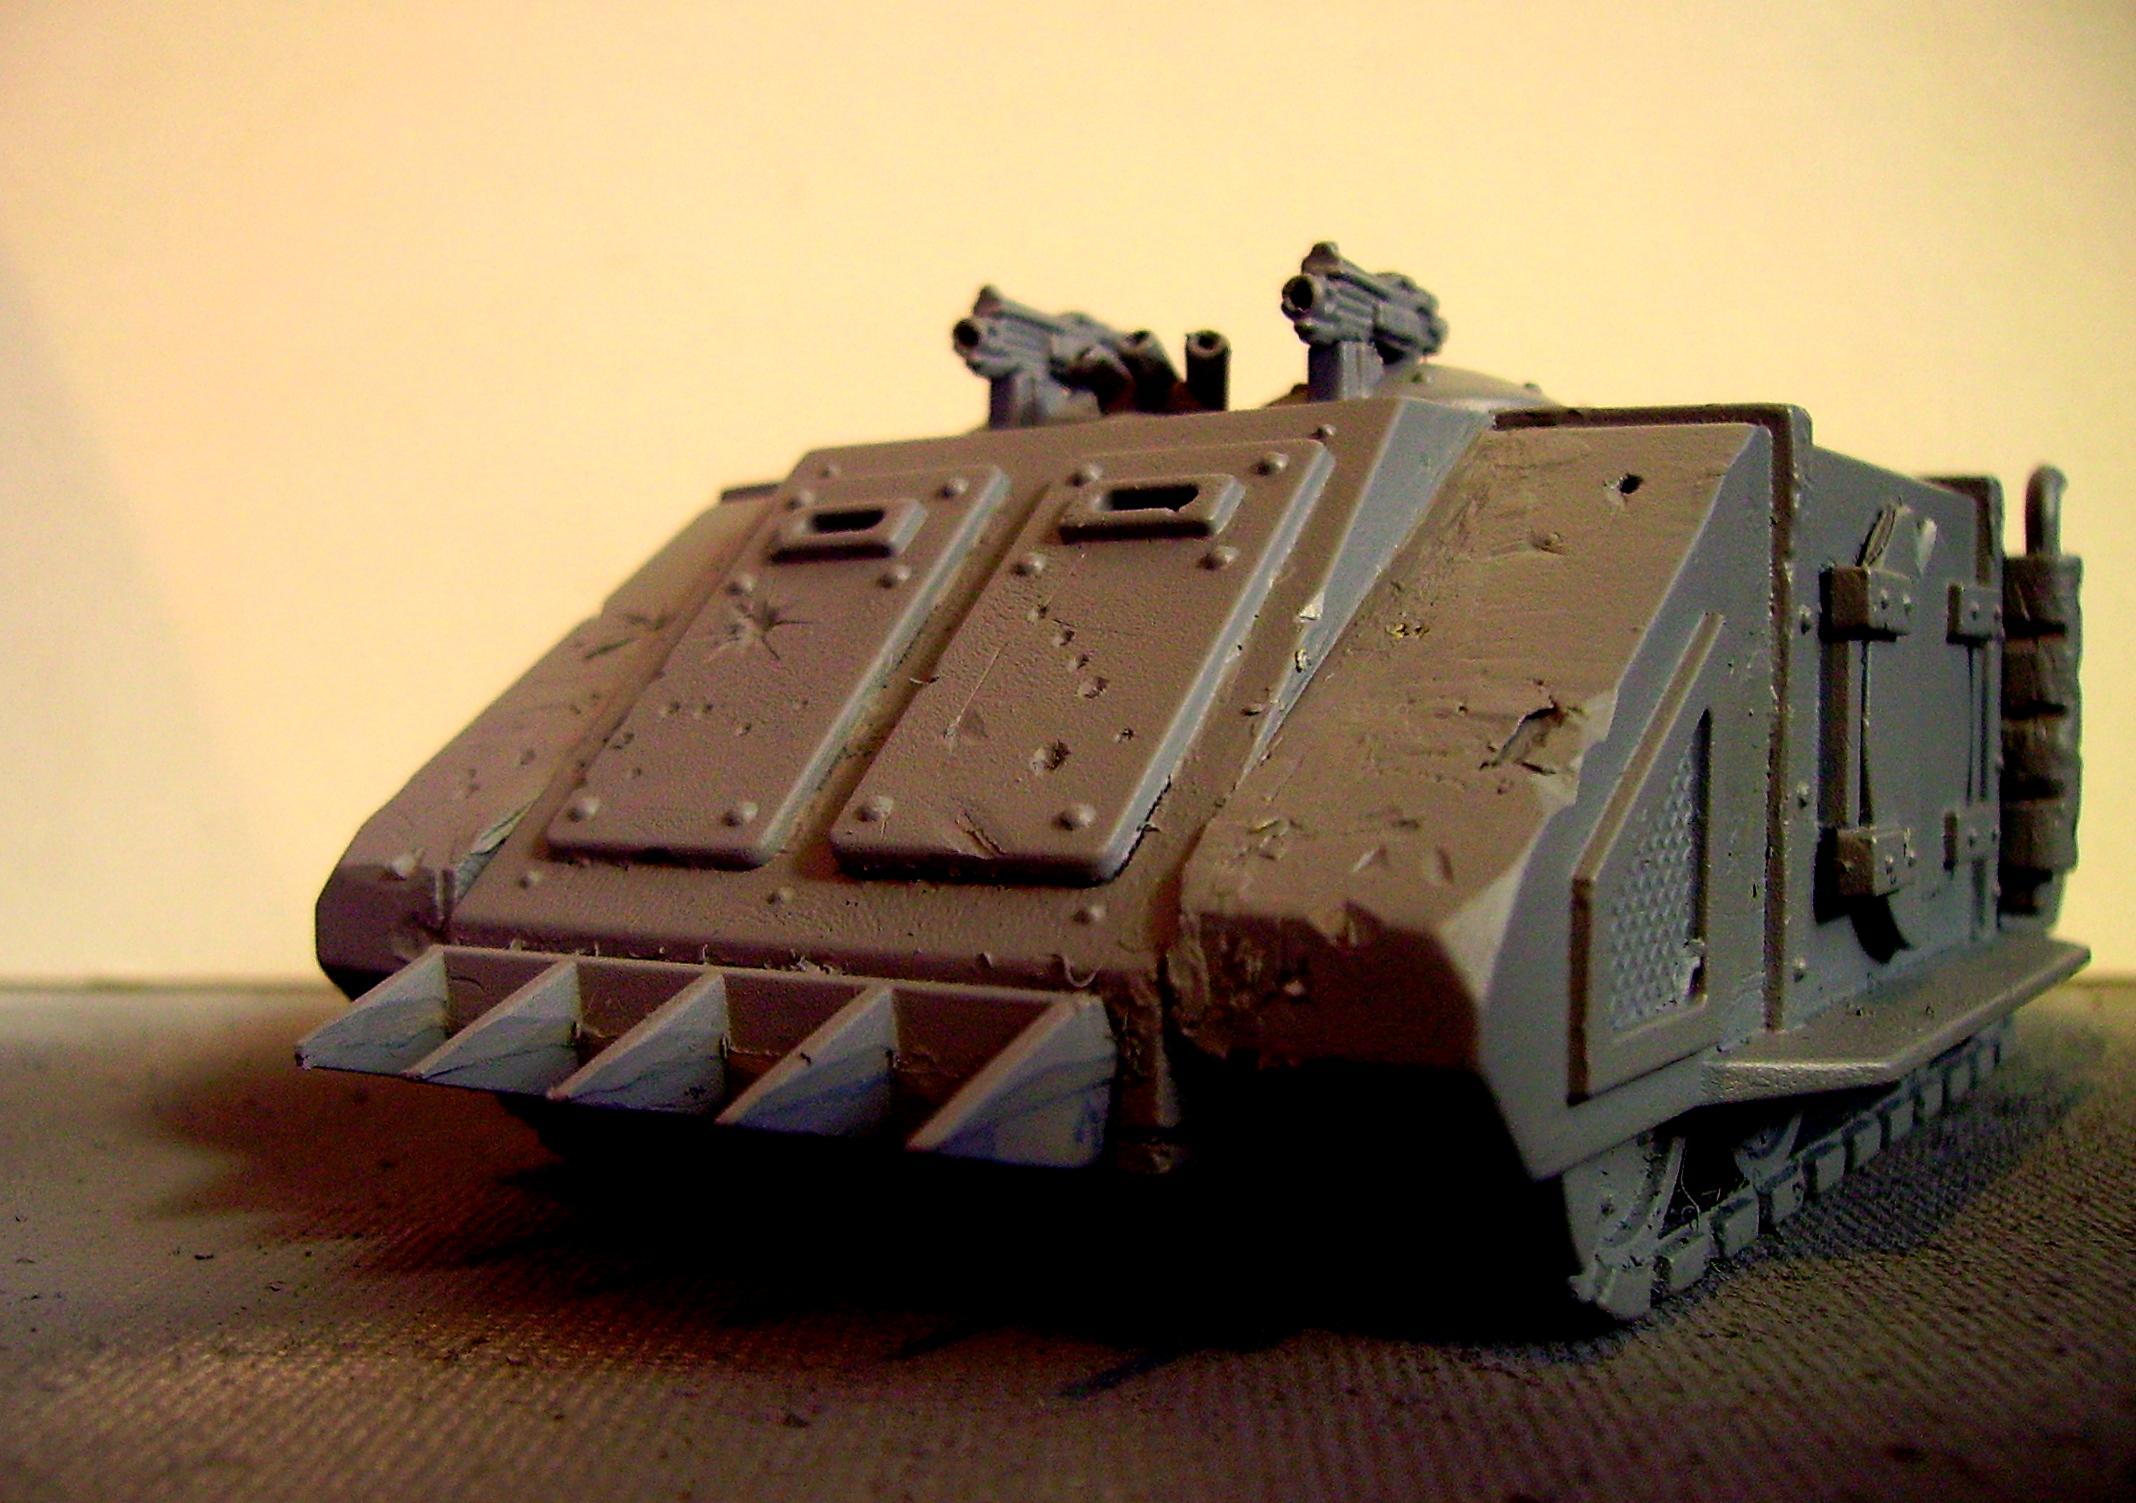 Rhino, Space Marines